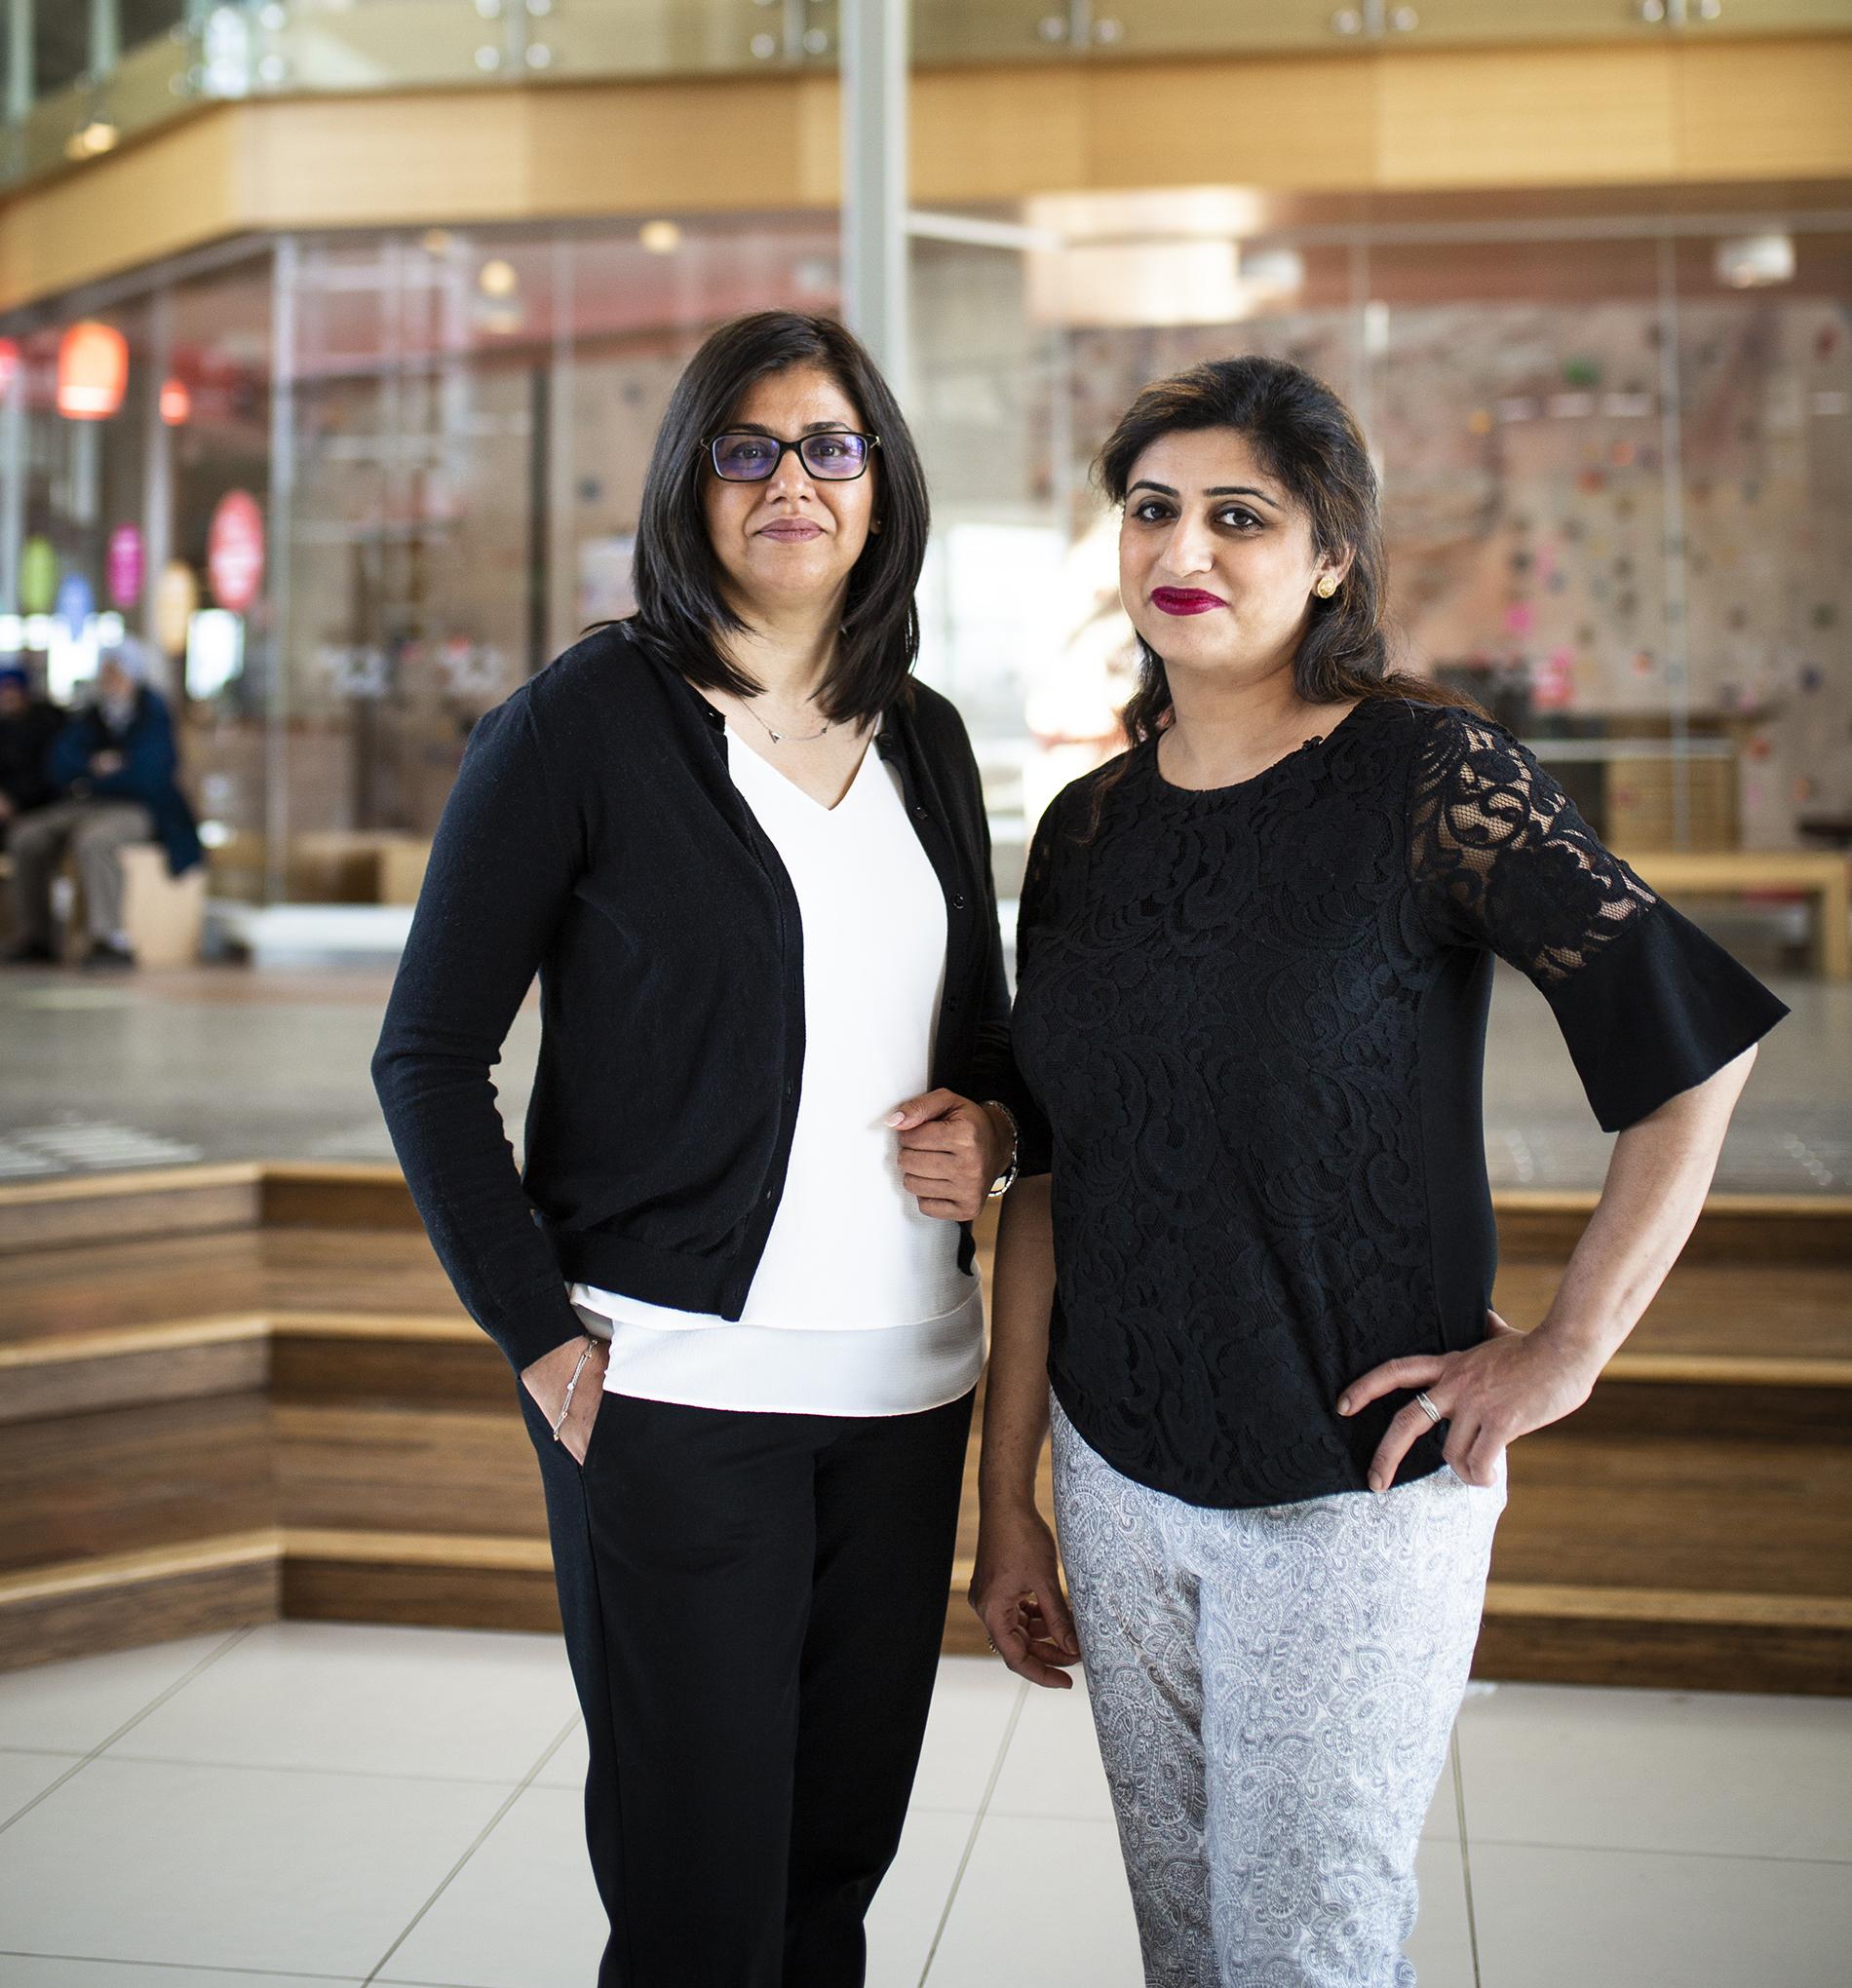 Atiya encourages women like Humaira to seek help and break free from domestic violence.